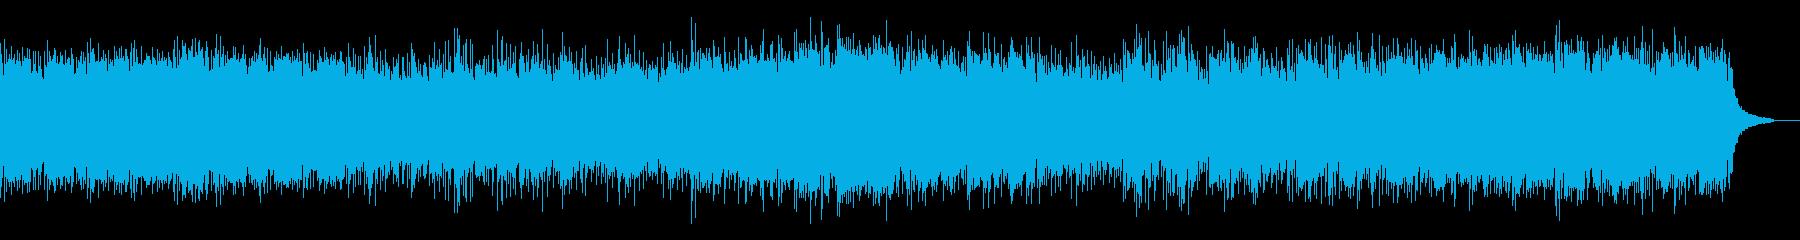 Cメジャーのみの明るく優しいピアノ曲の再生済みの波形